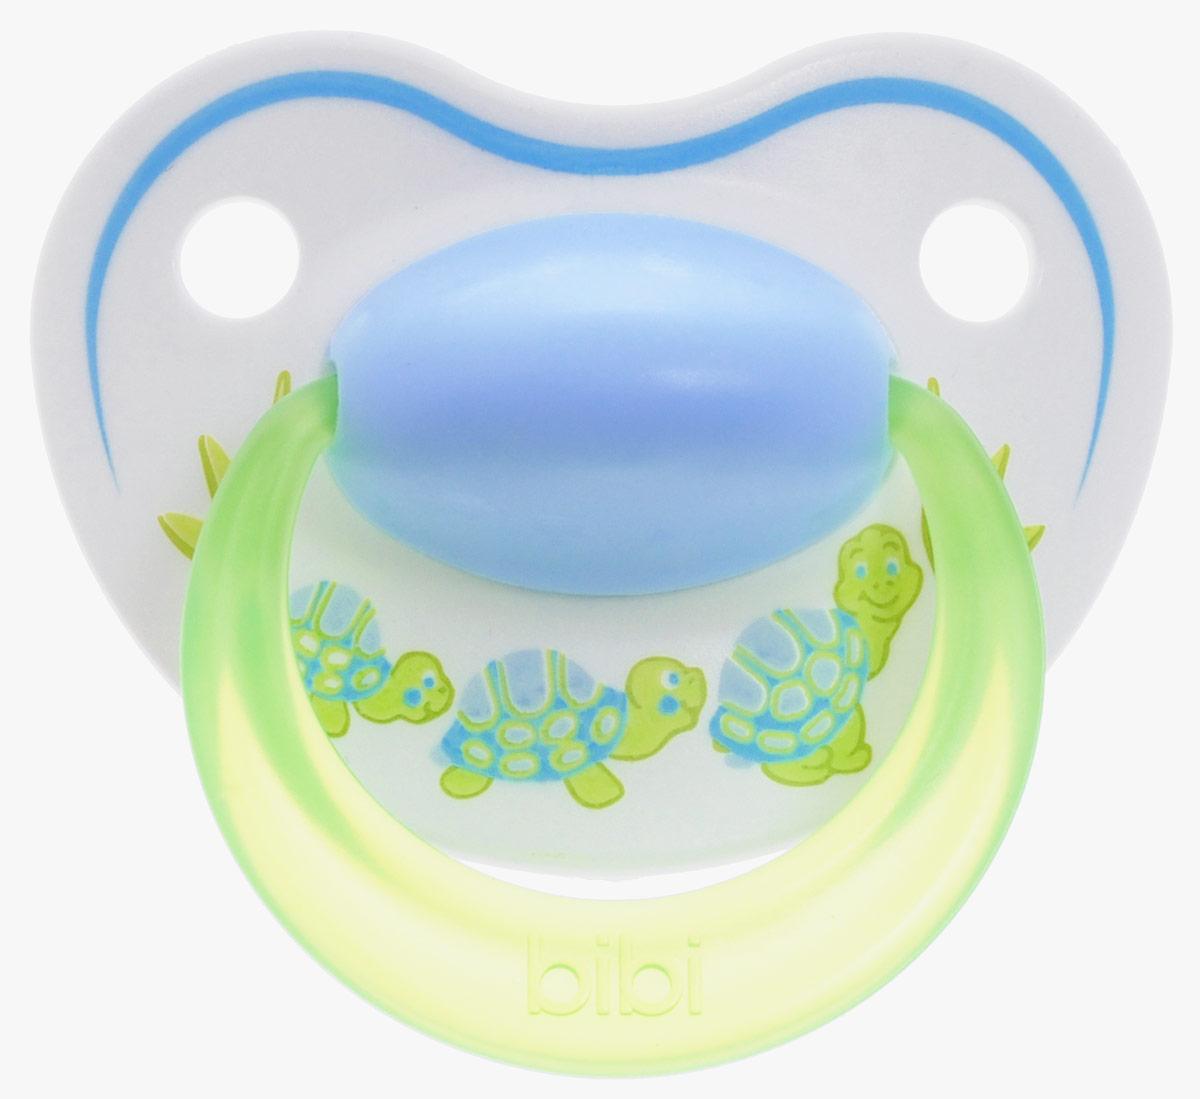 Bibi Пустышка силиконовая Happiness Черепахи от 6 до 16 месяцев